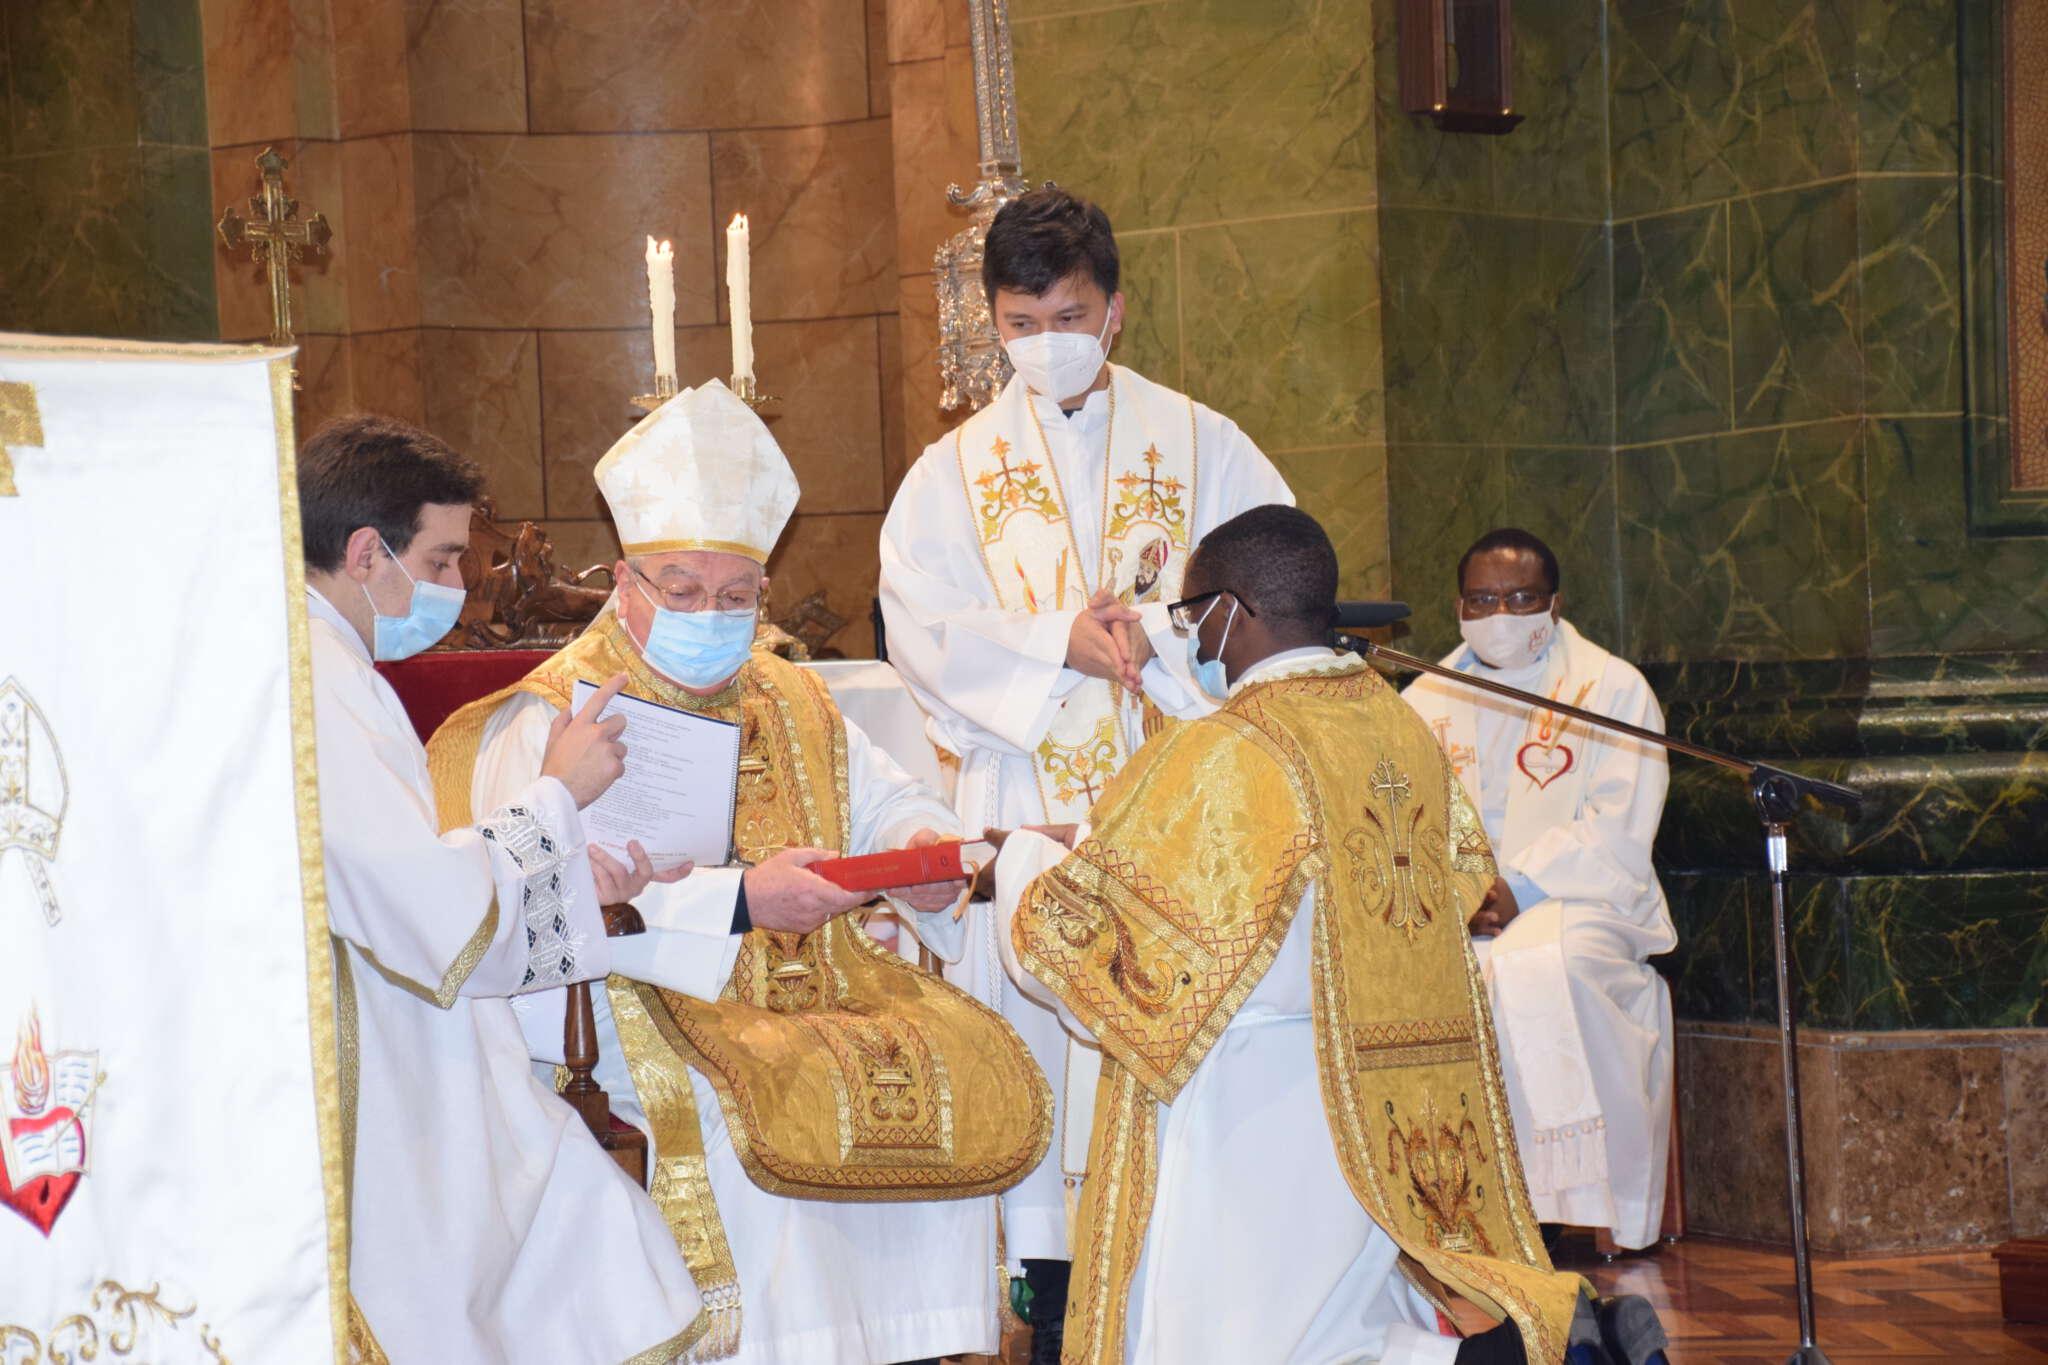 Los religiosos agustinos Fr. Aidan Kalinga (Tanzania) y Fr. Charles Chukwuebuka (Nigería) ordenados diáconos en la Parroquia San Agustín de Valladolid.